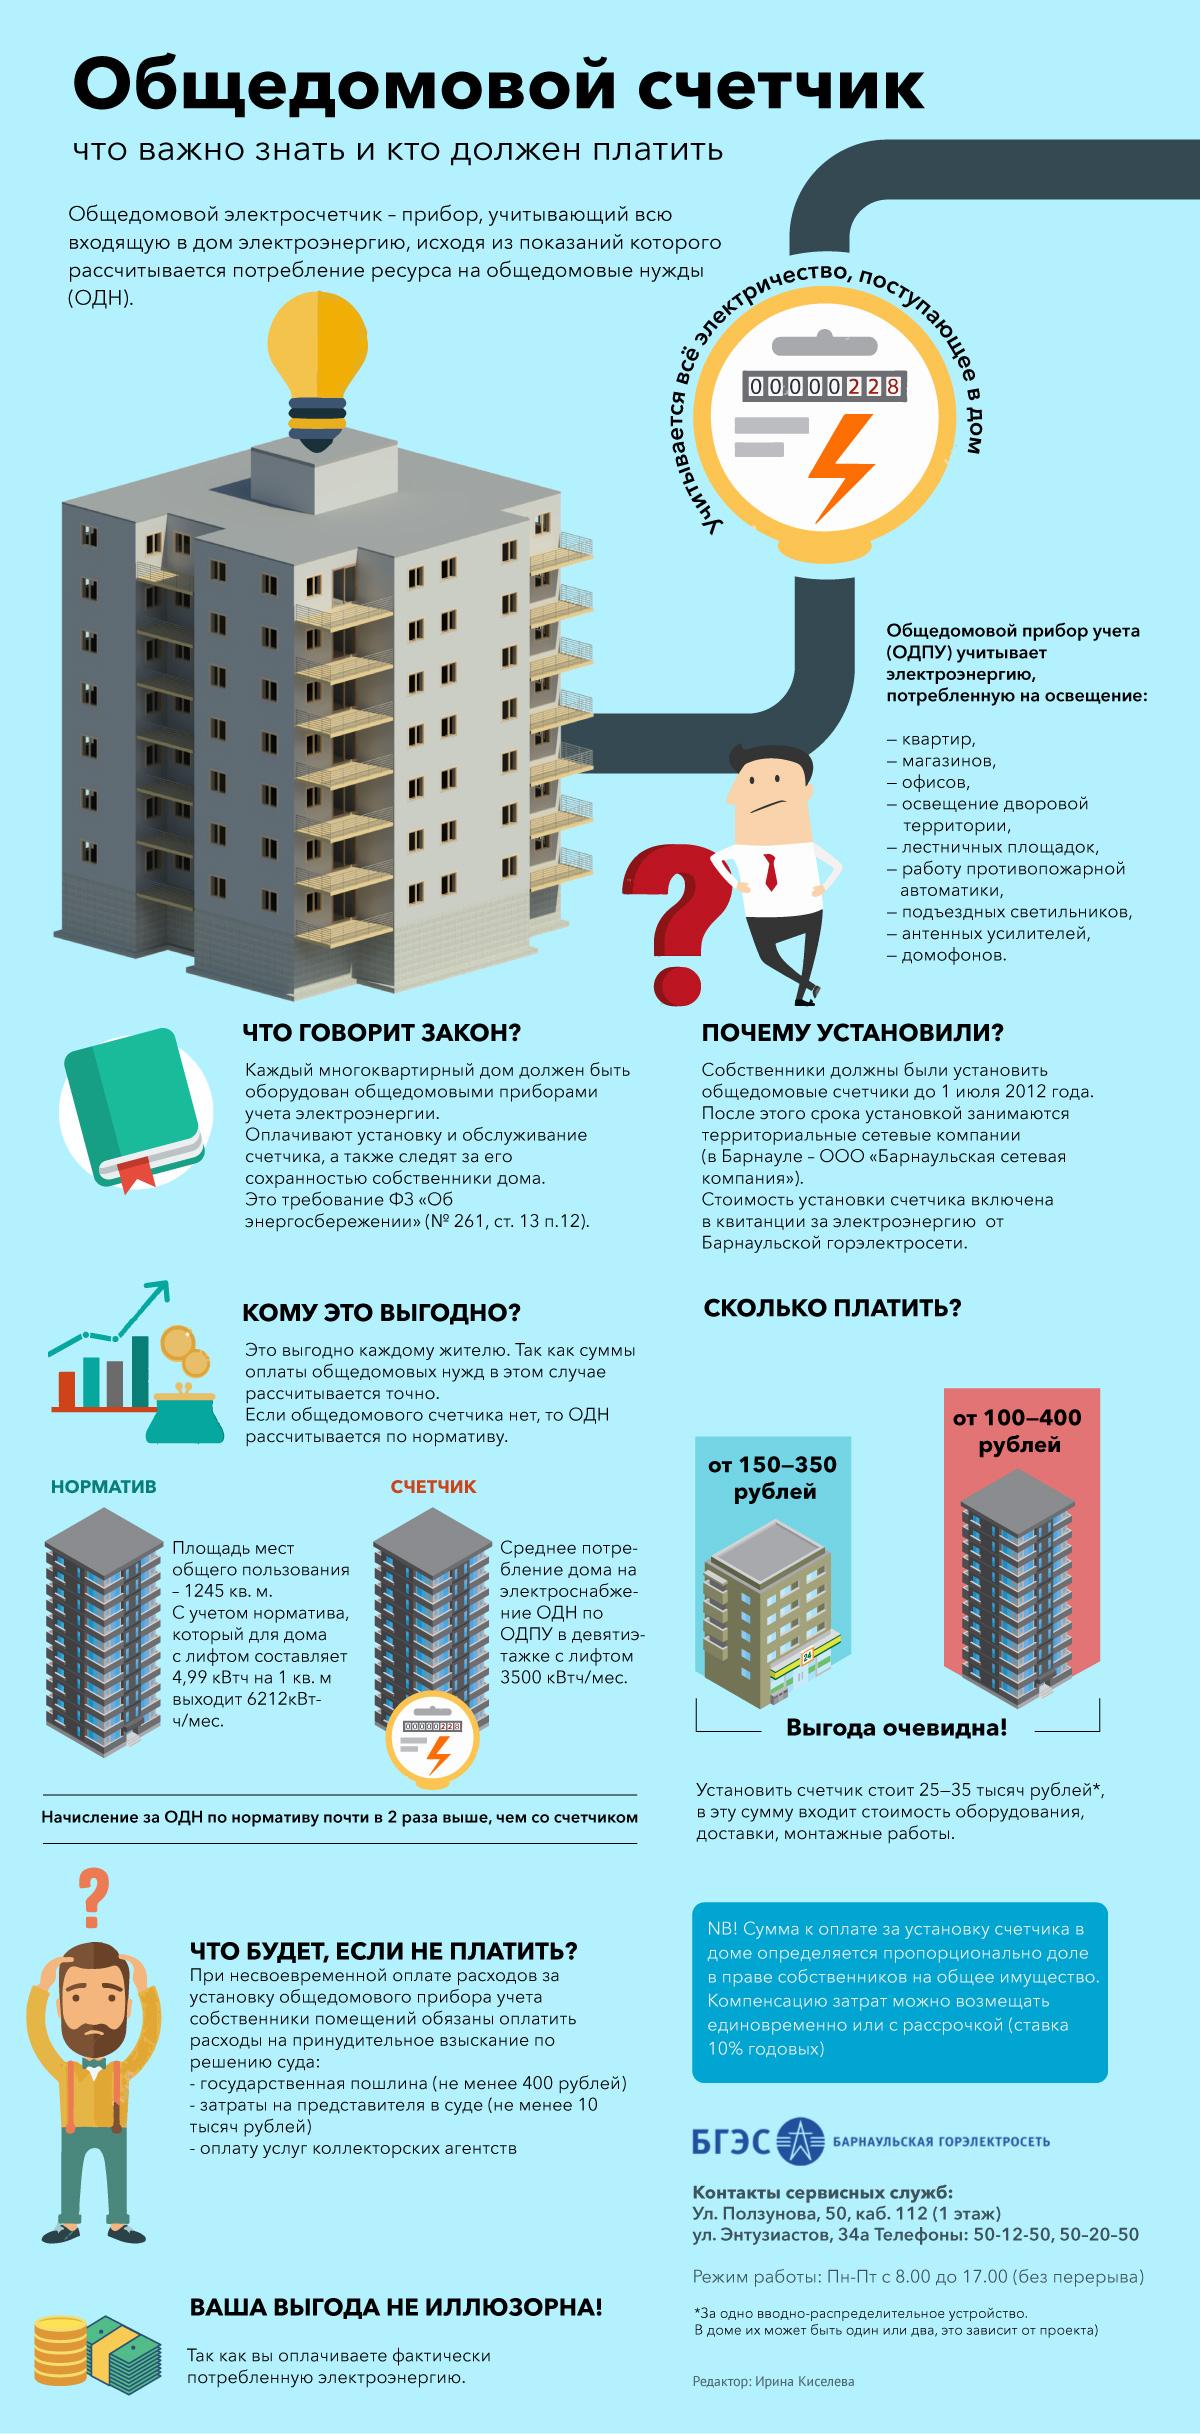 Обязаны ли собственники жилья платить за общедомовые нужды.